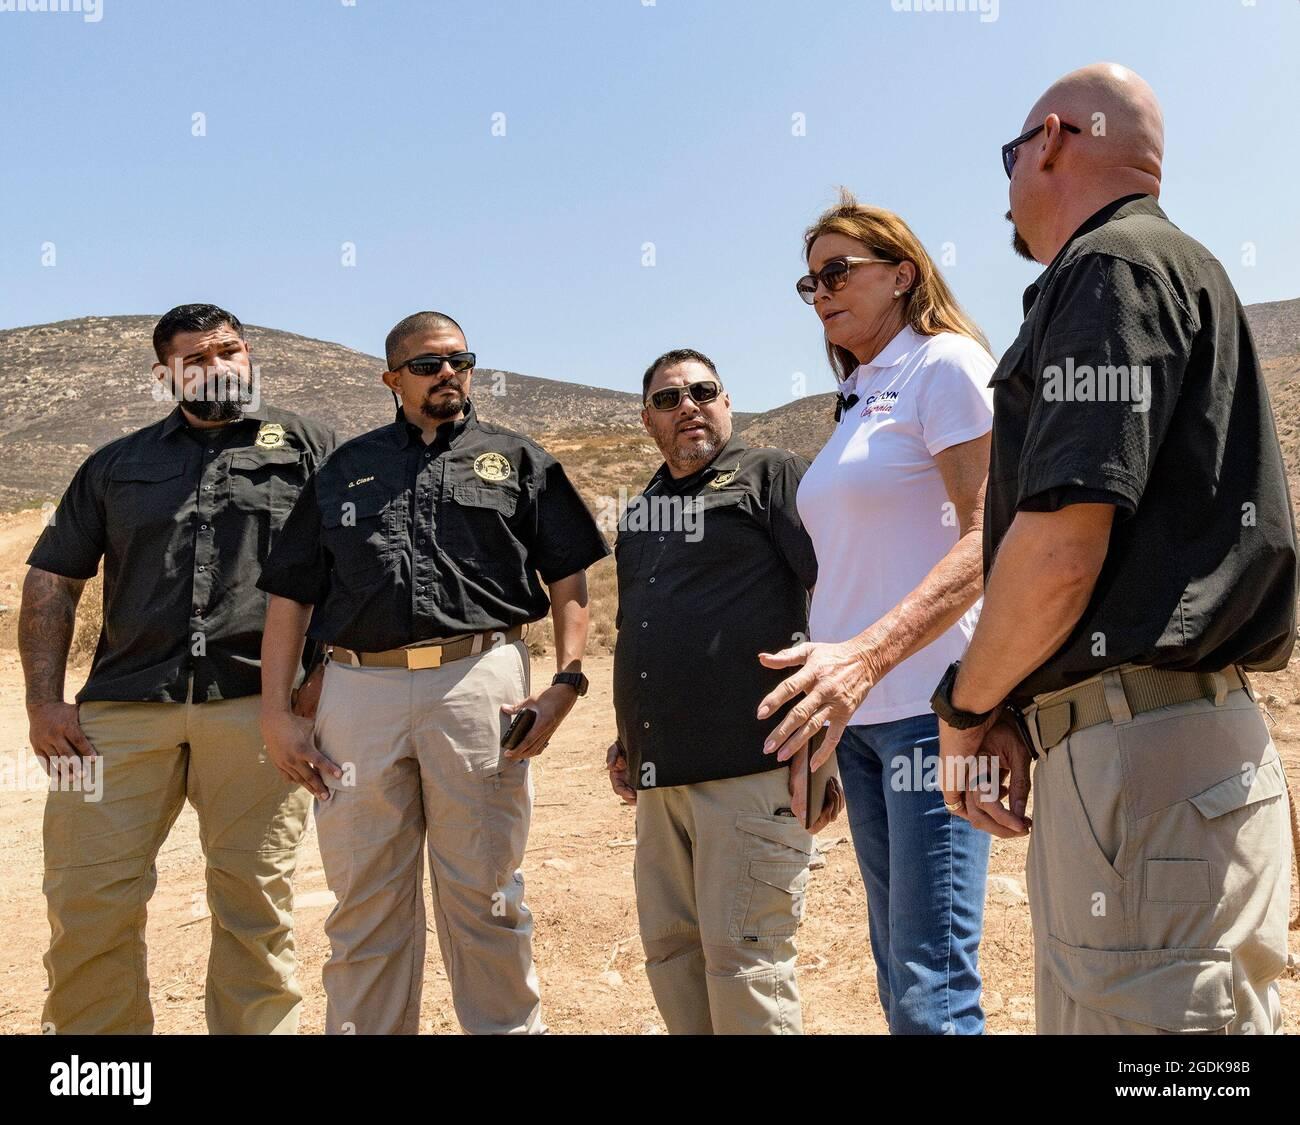 San Diego, Kalifornien, USA. August 2021. Die republikanische Kandidatin für den kalifornischen Gouverneur CAITLYN JENNER besucht die Grenze zu Mexiko, flankiert von Grenzschutzagenten. (Bild: © David Barak/ZUMA Press Wire) Stockfoto